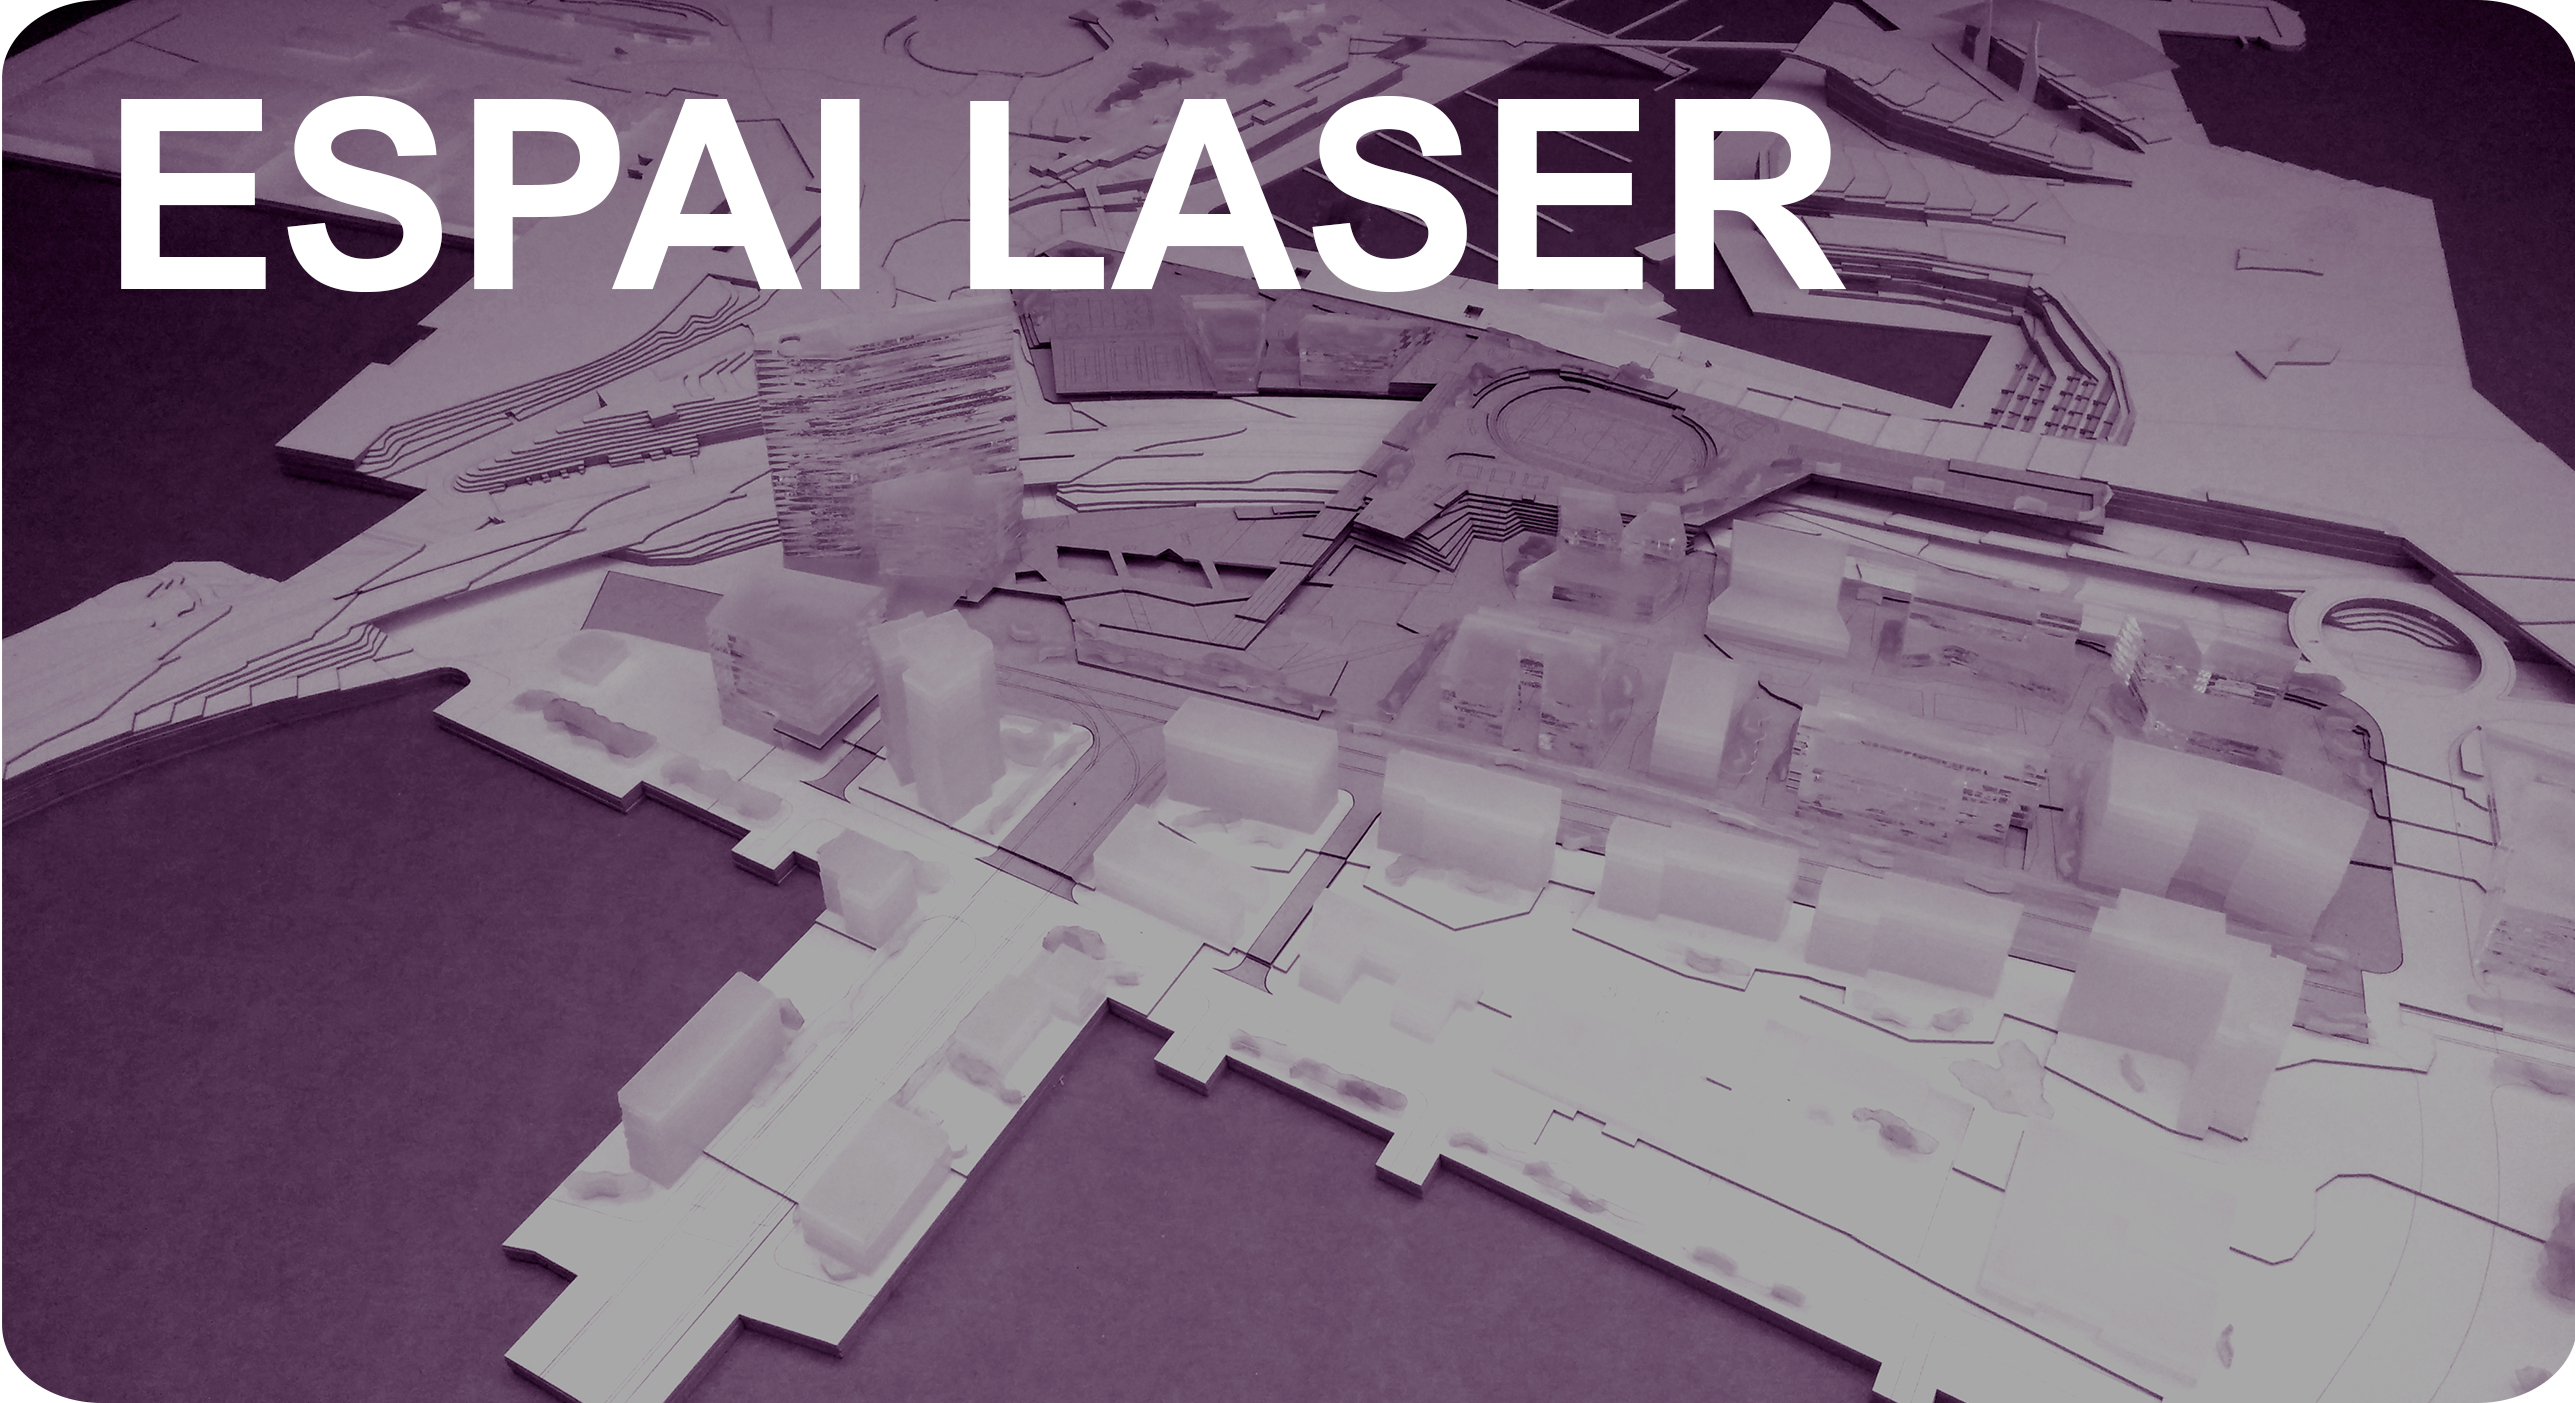 C_ESPAI_LASER.jpg